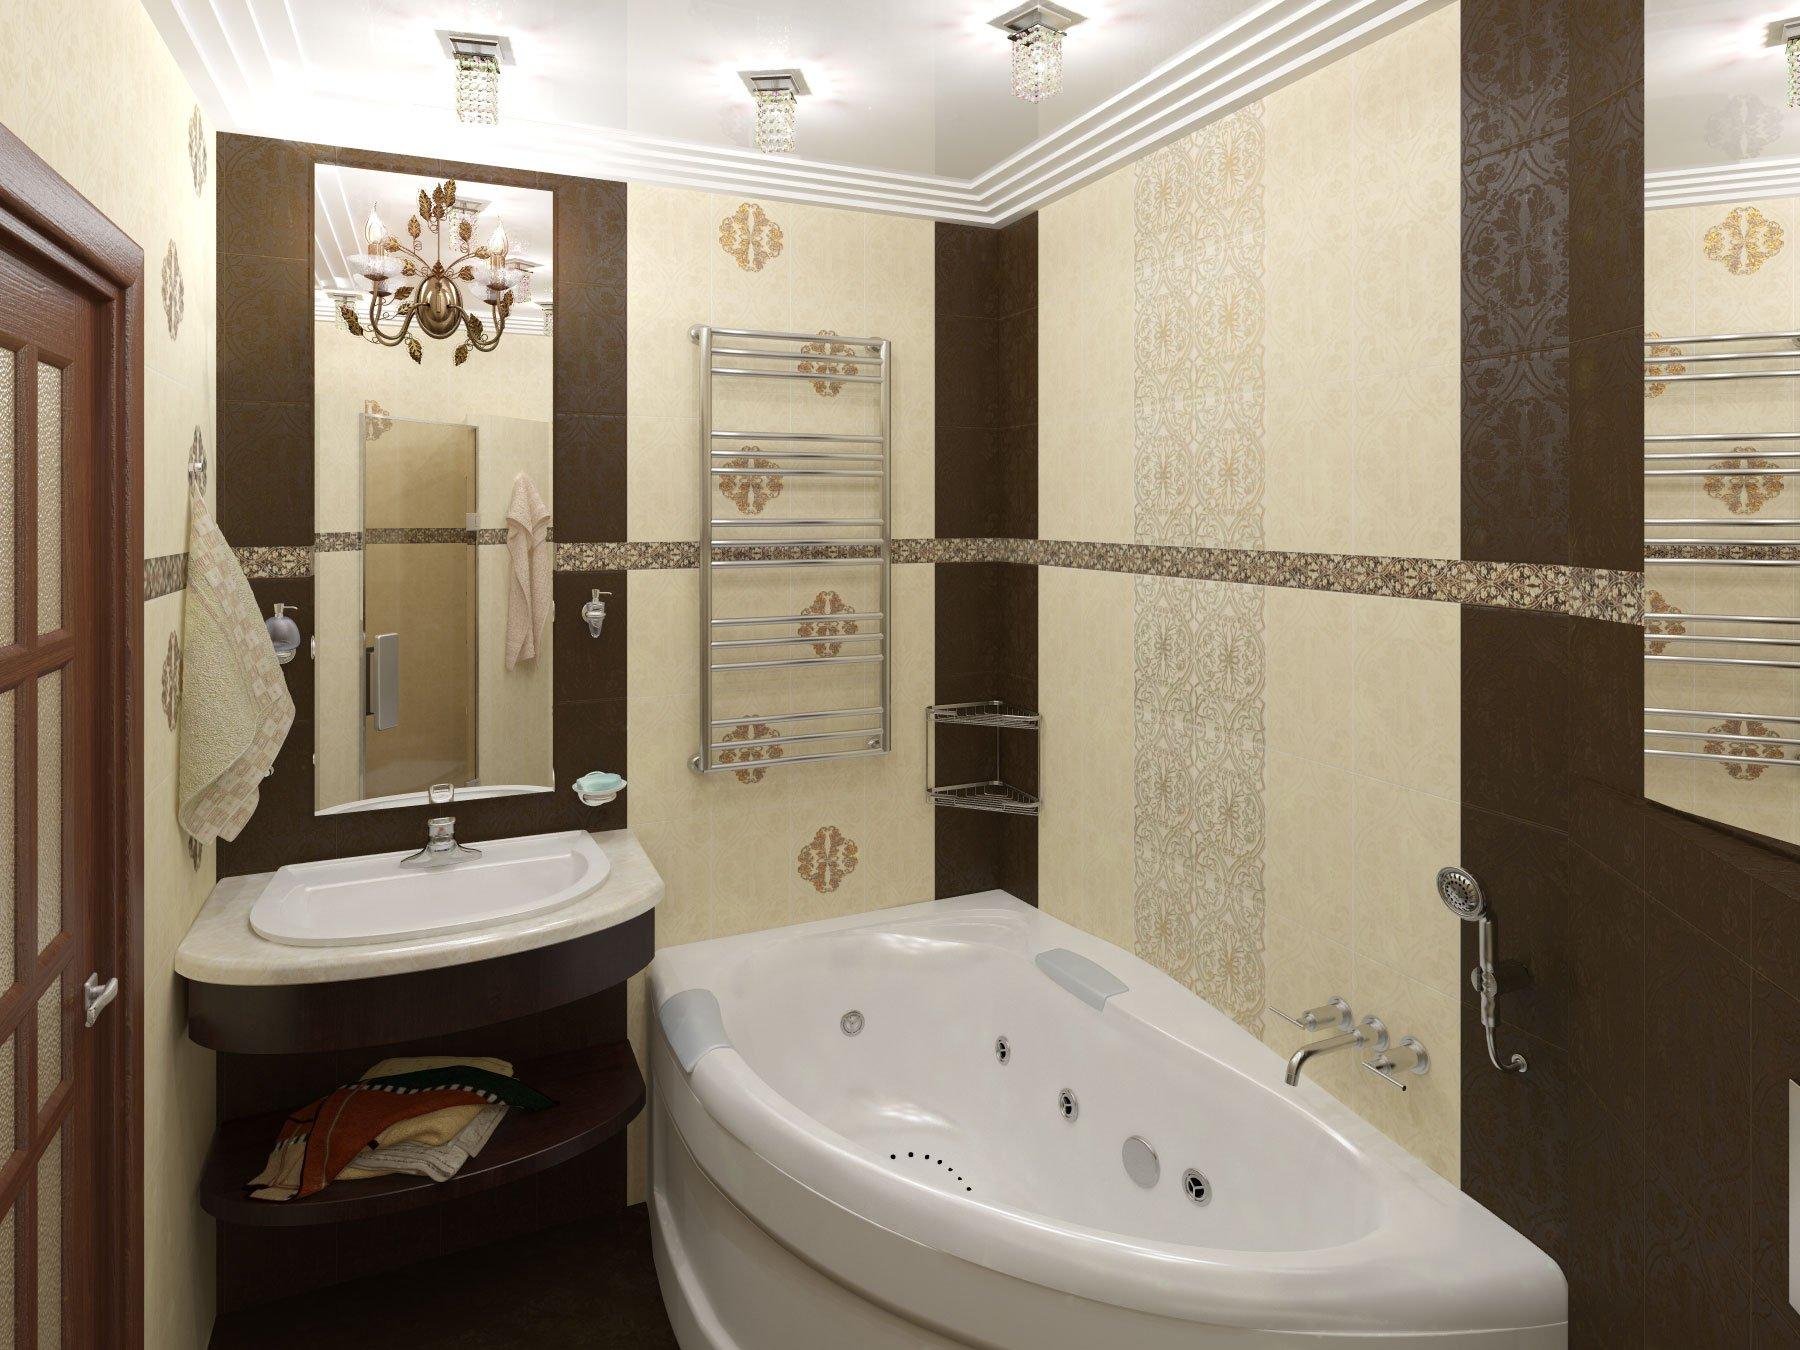 Дизайн узкой ванной комнаты в бежево-шоколадных тонах